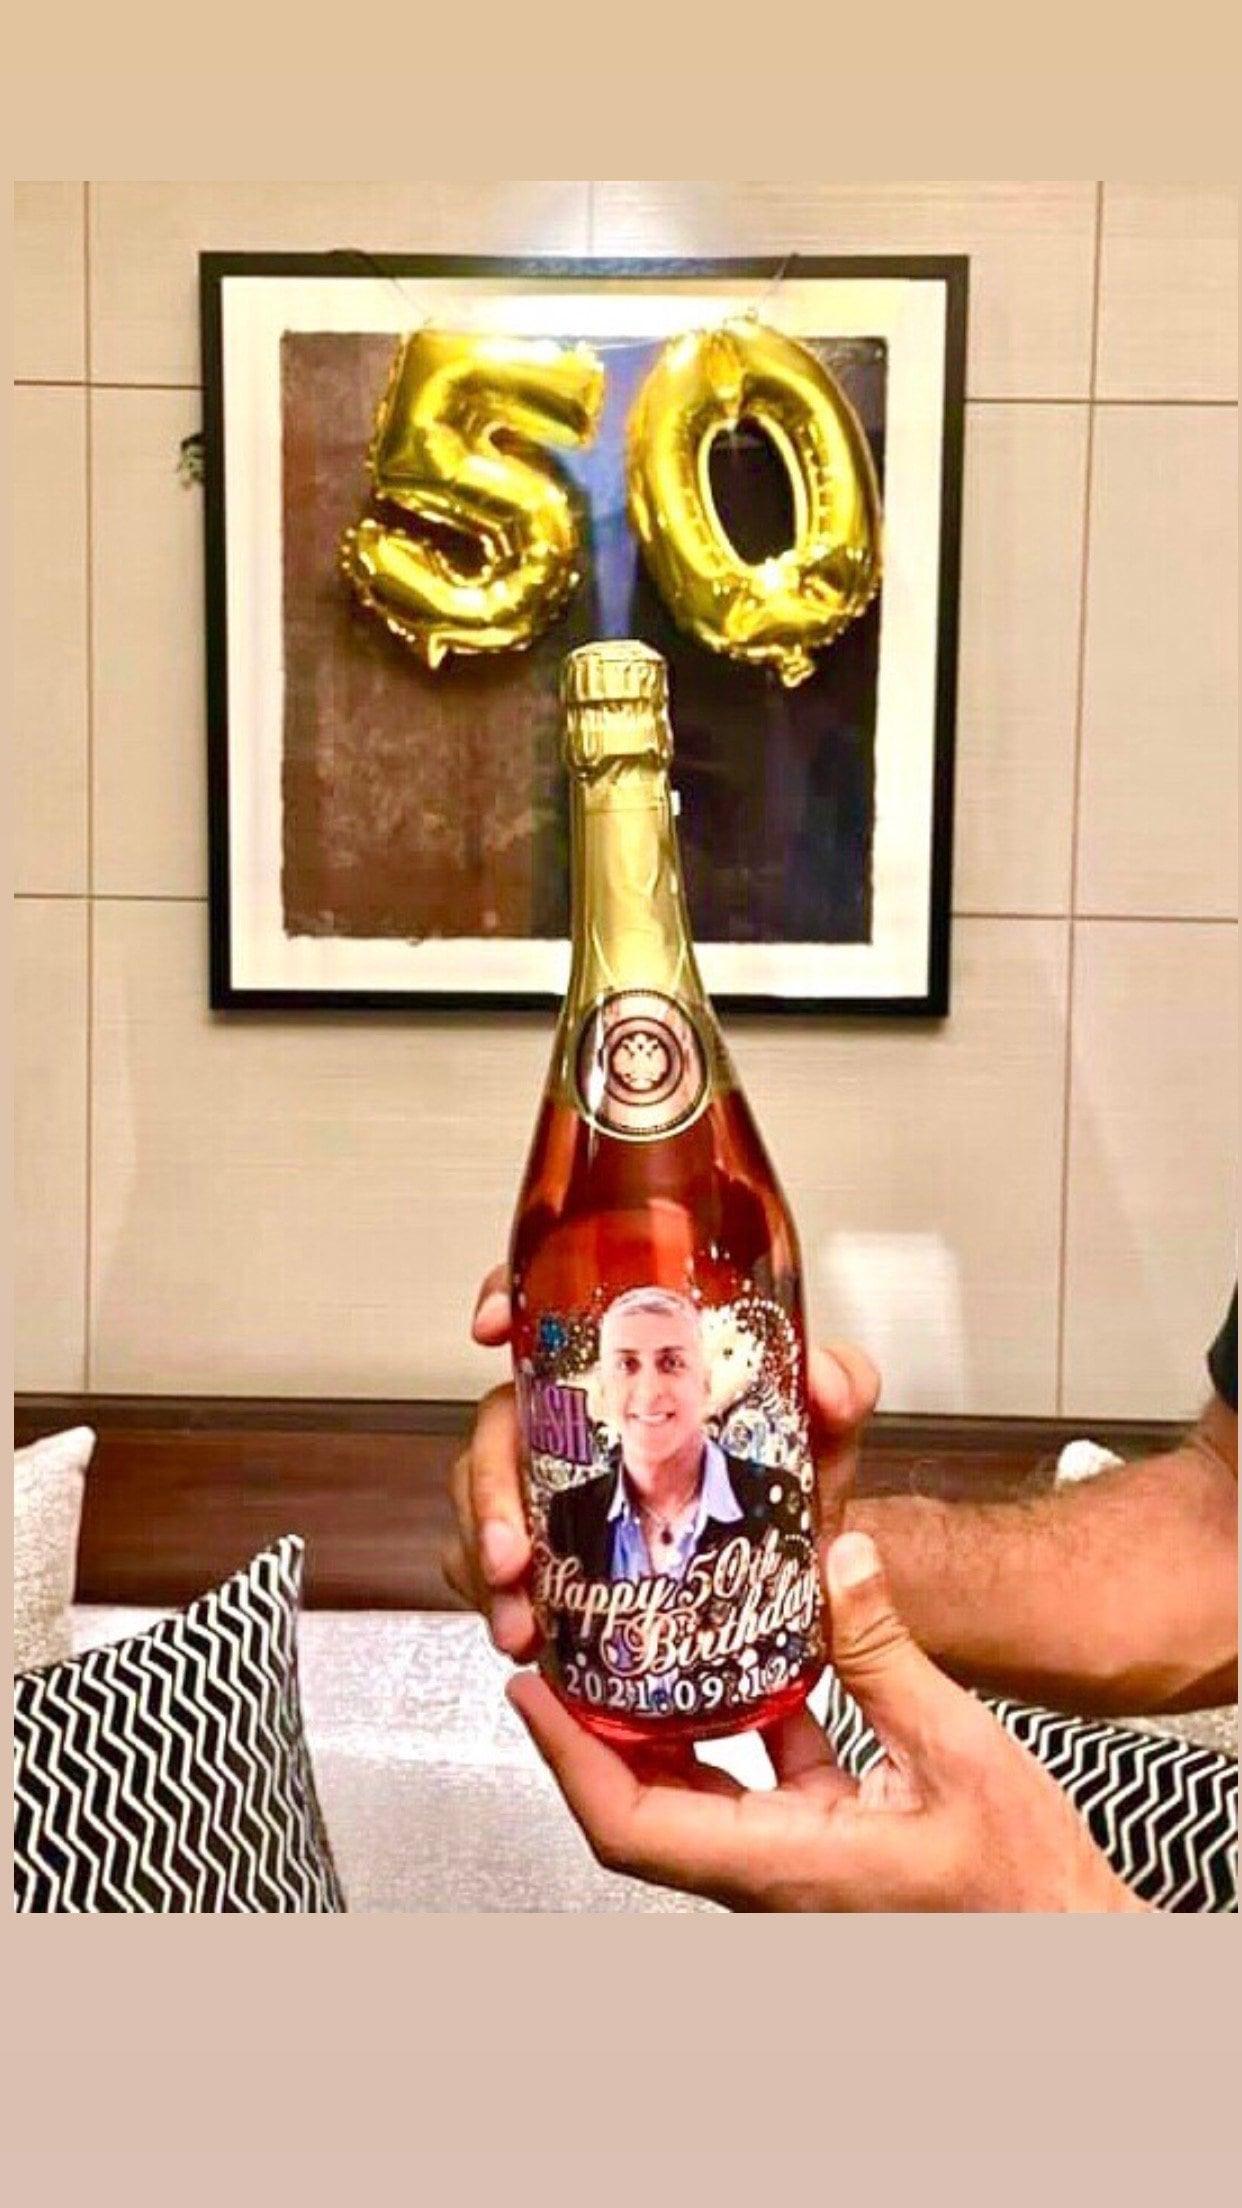 キッシュとオリジナルスパークリングワインで乾杯のイメージその3